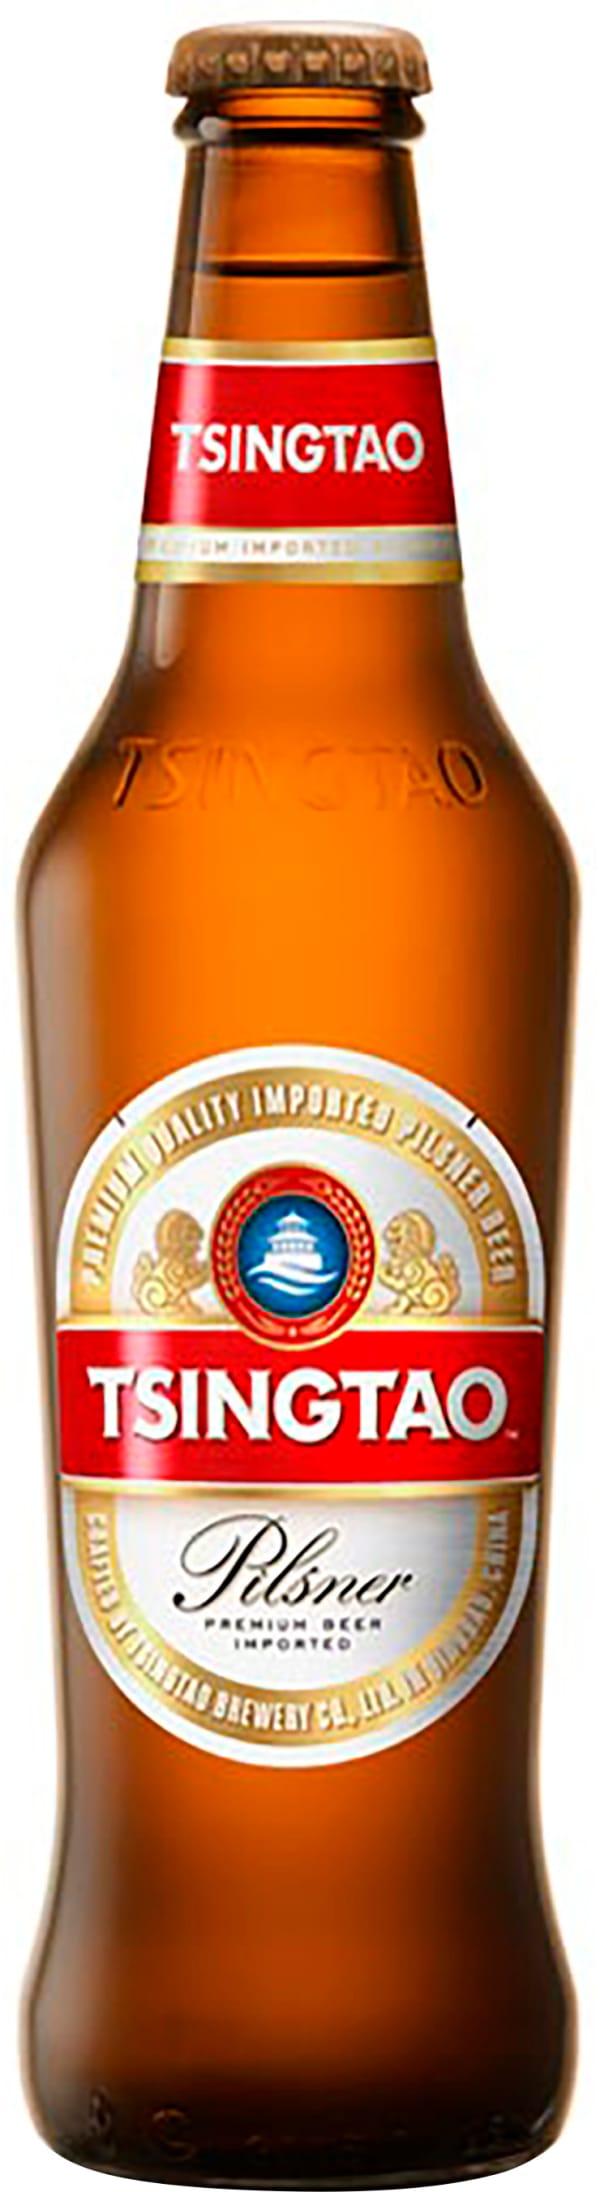 Tsingtao Pilsner